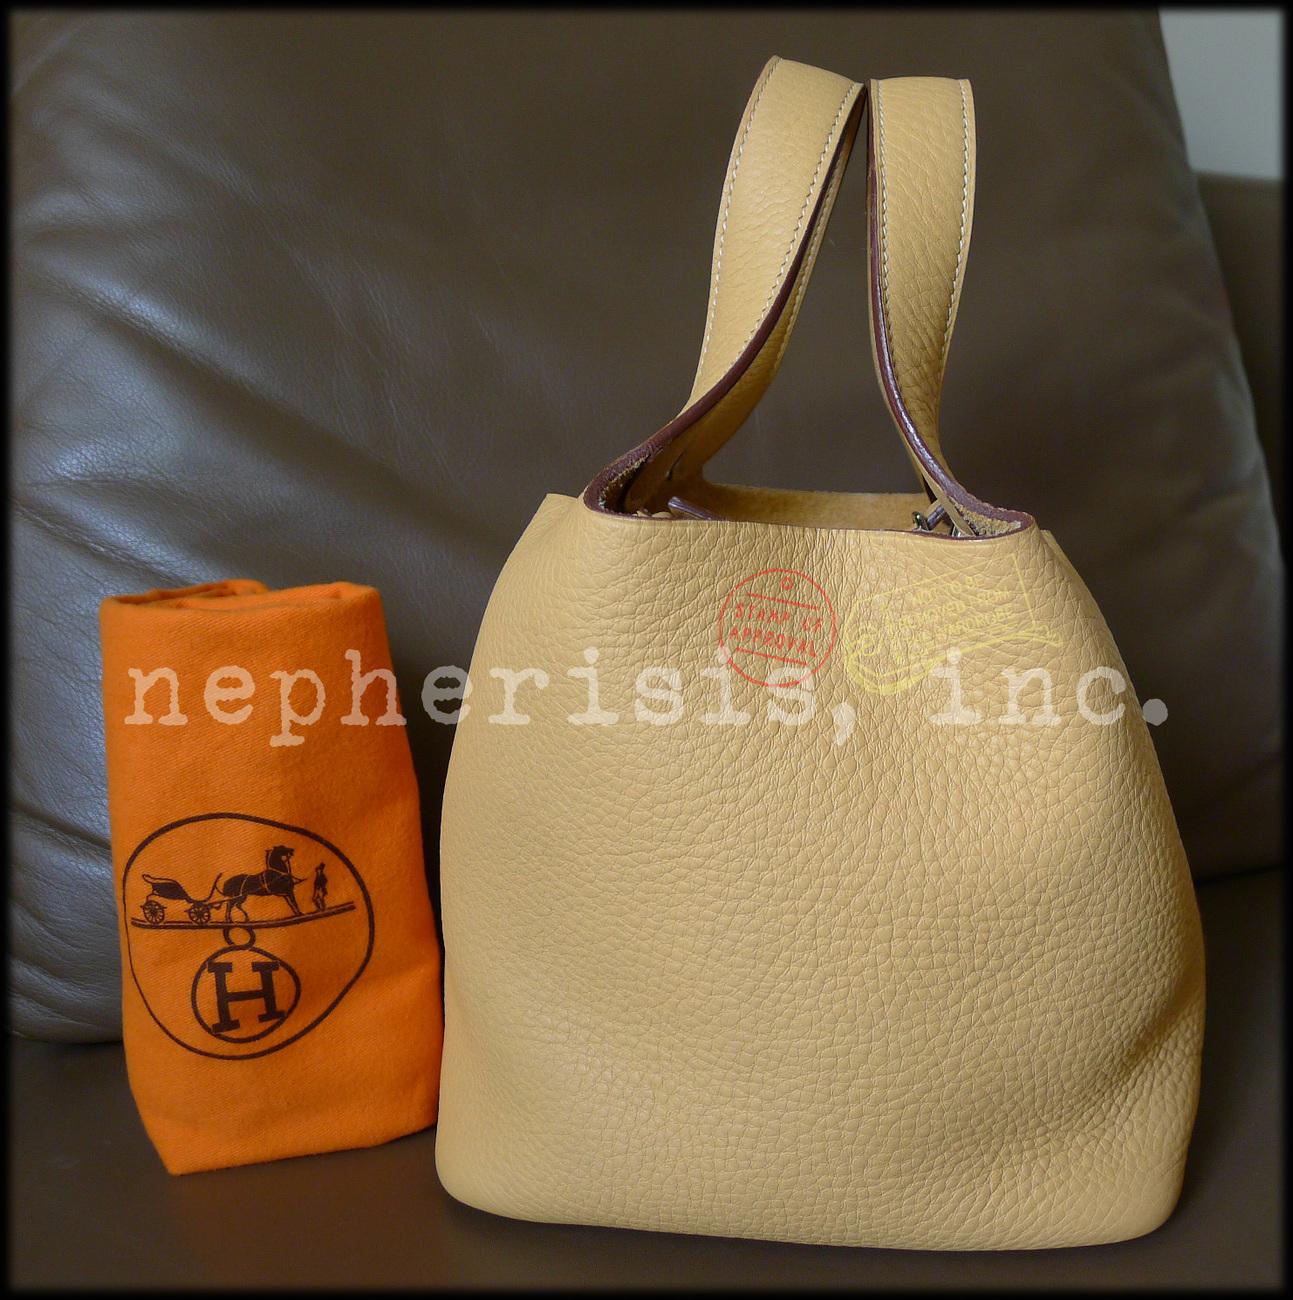 used hermes bag